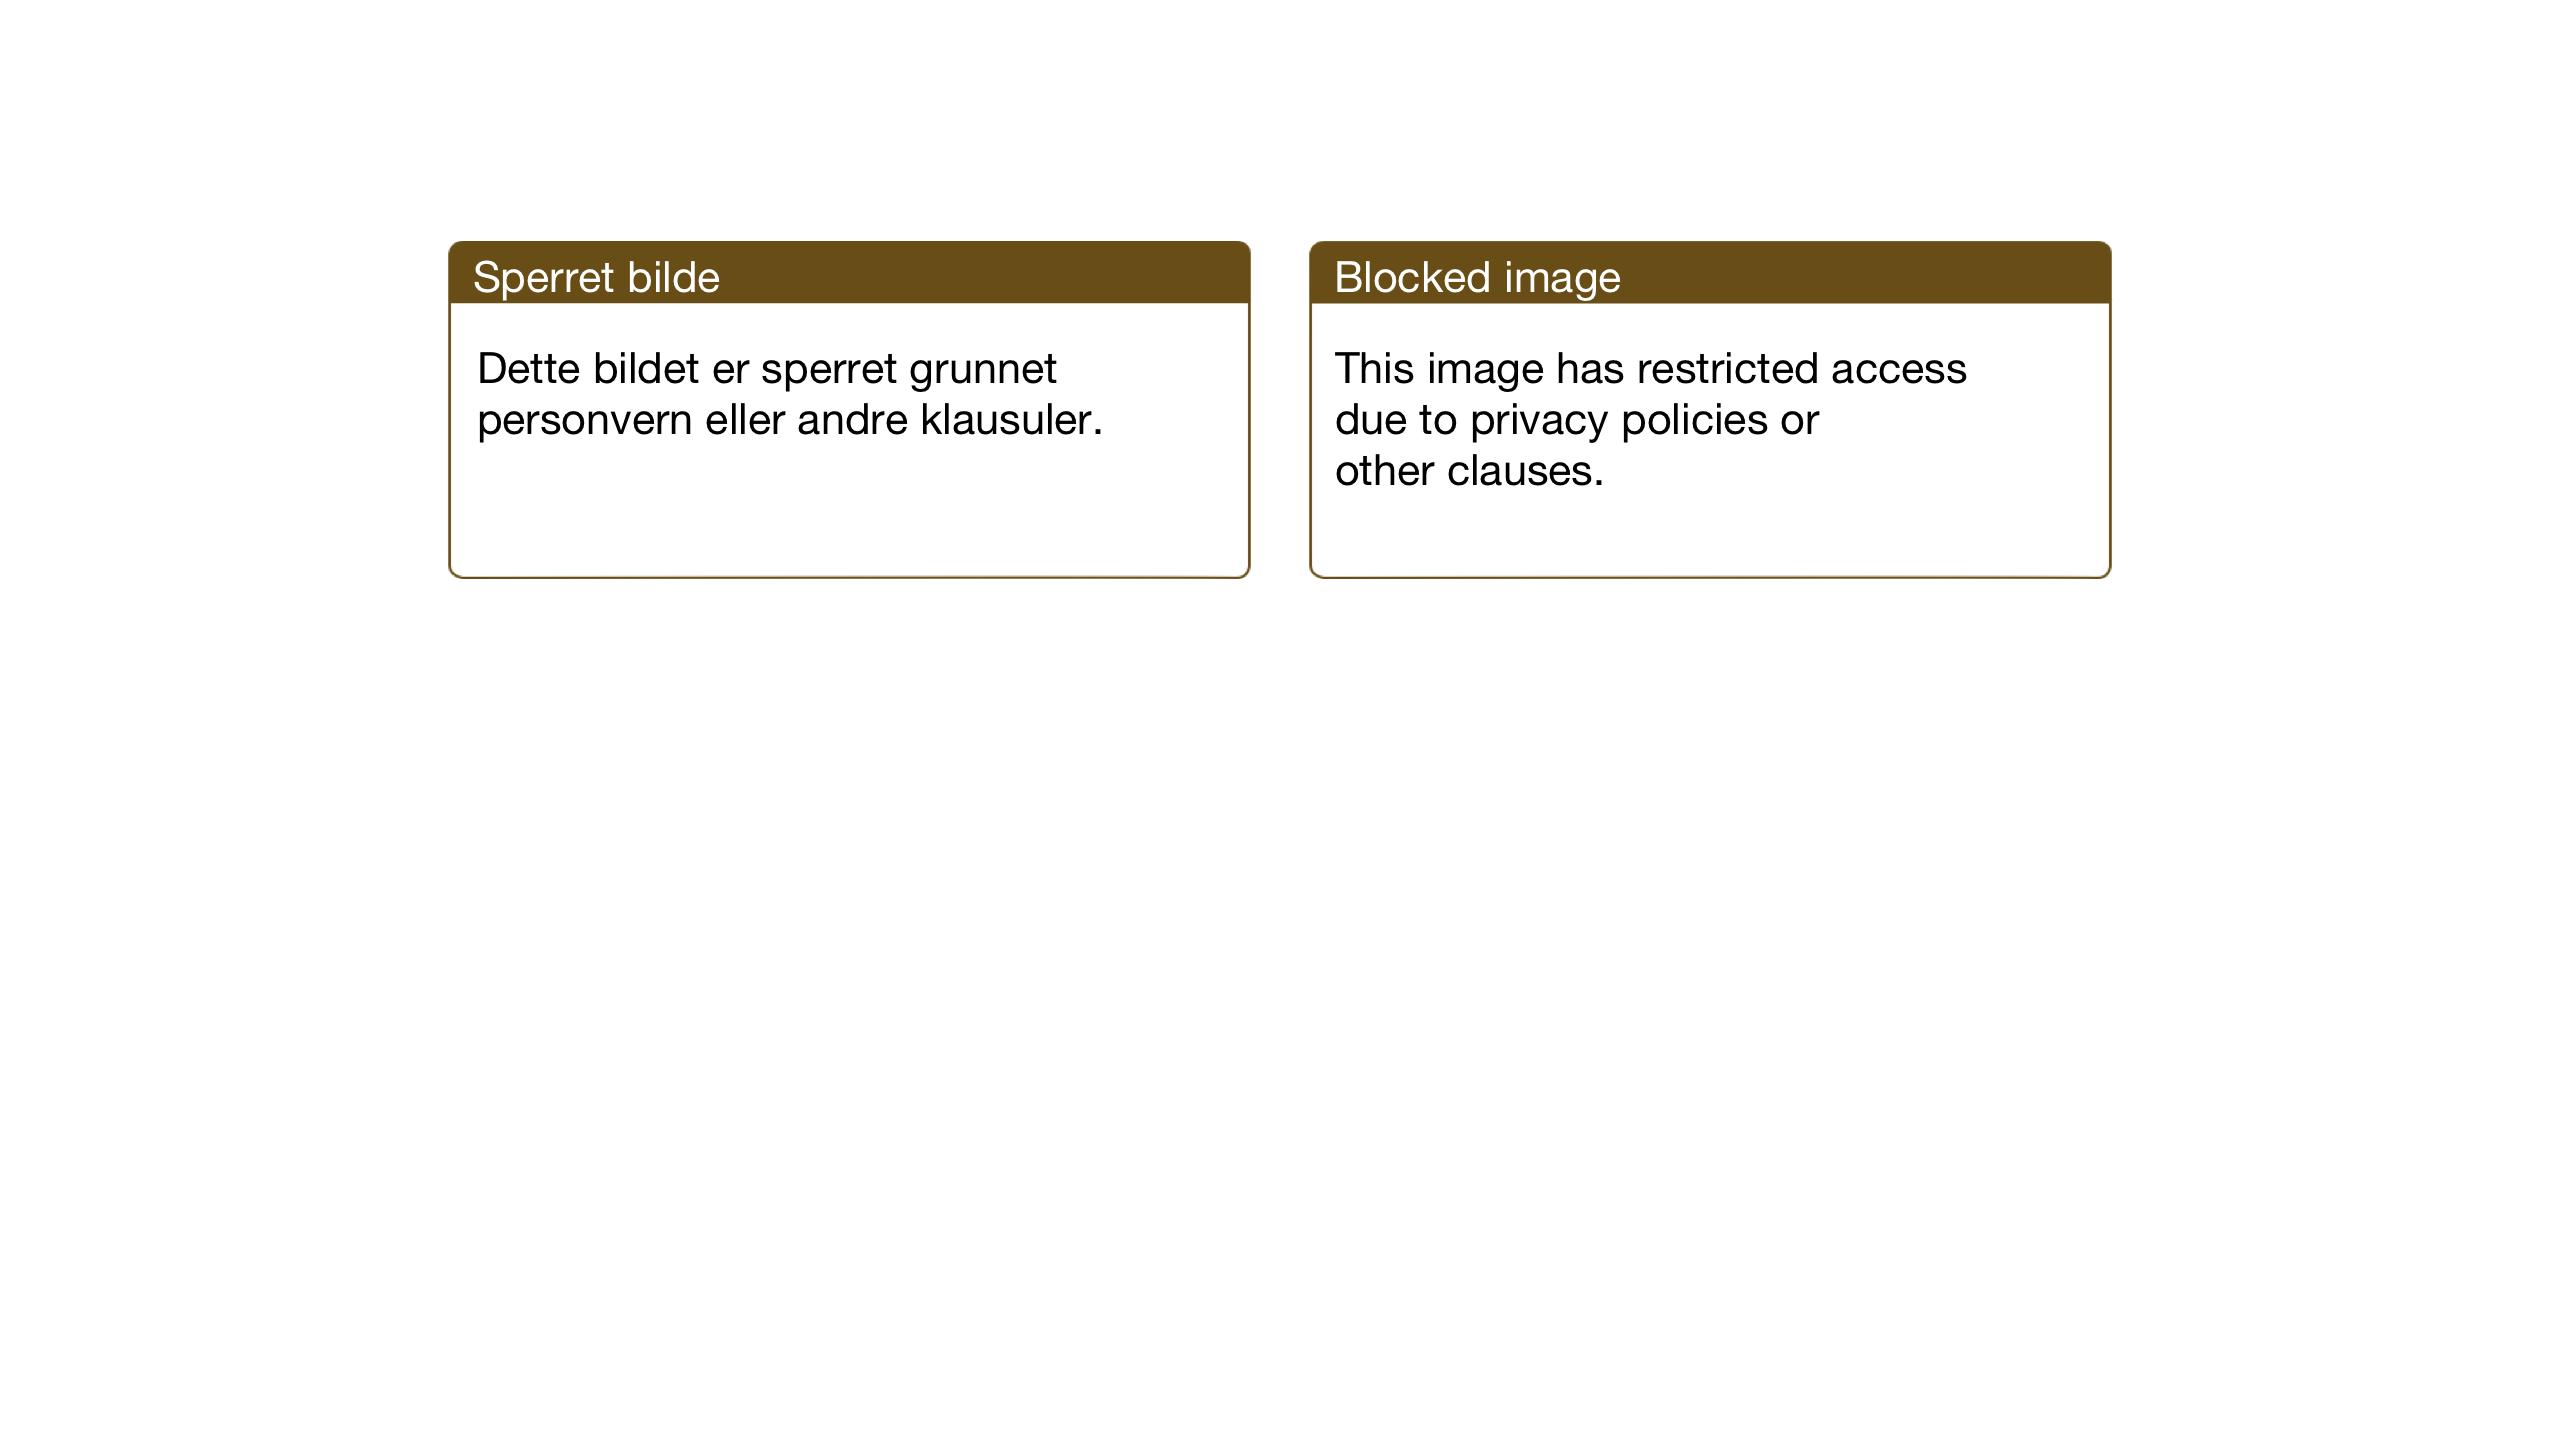 SAT, Ministerialprotokoller, klokkerbøker og fødselsregistre - Nord-Trøndelag, 720/L0193: Klokkerbok nr. 720C02, 1918-1941, s. 35